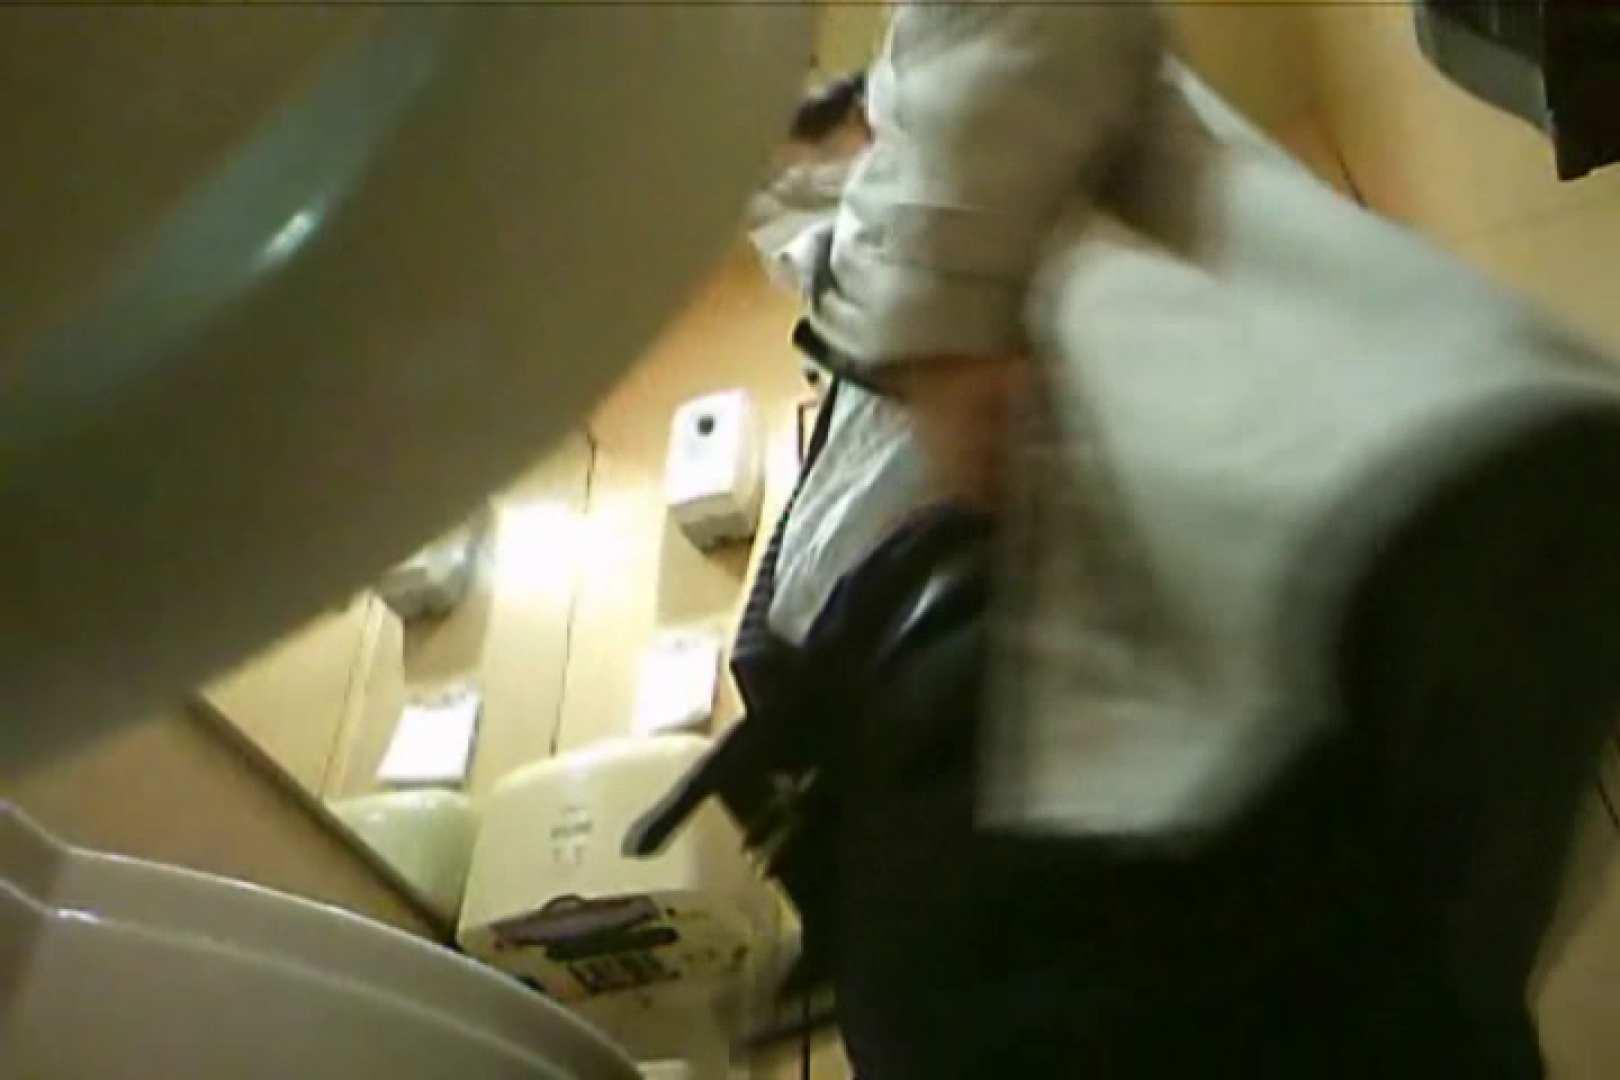 SEASON 2ND!掴み取りさんの洗面所覗き!in新幹線!VOL.18 スジ筋系ボーイズ | のぞき  100pic 60